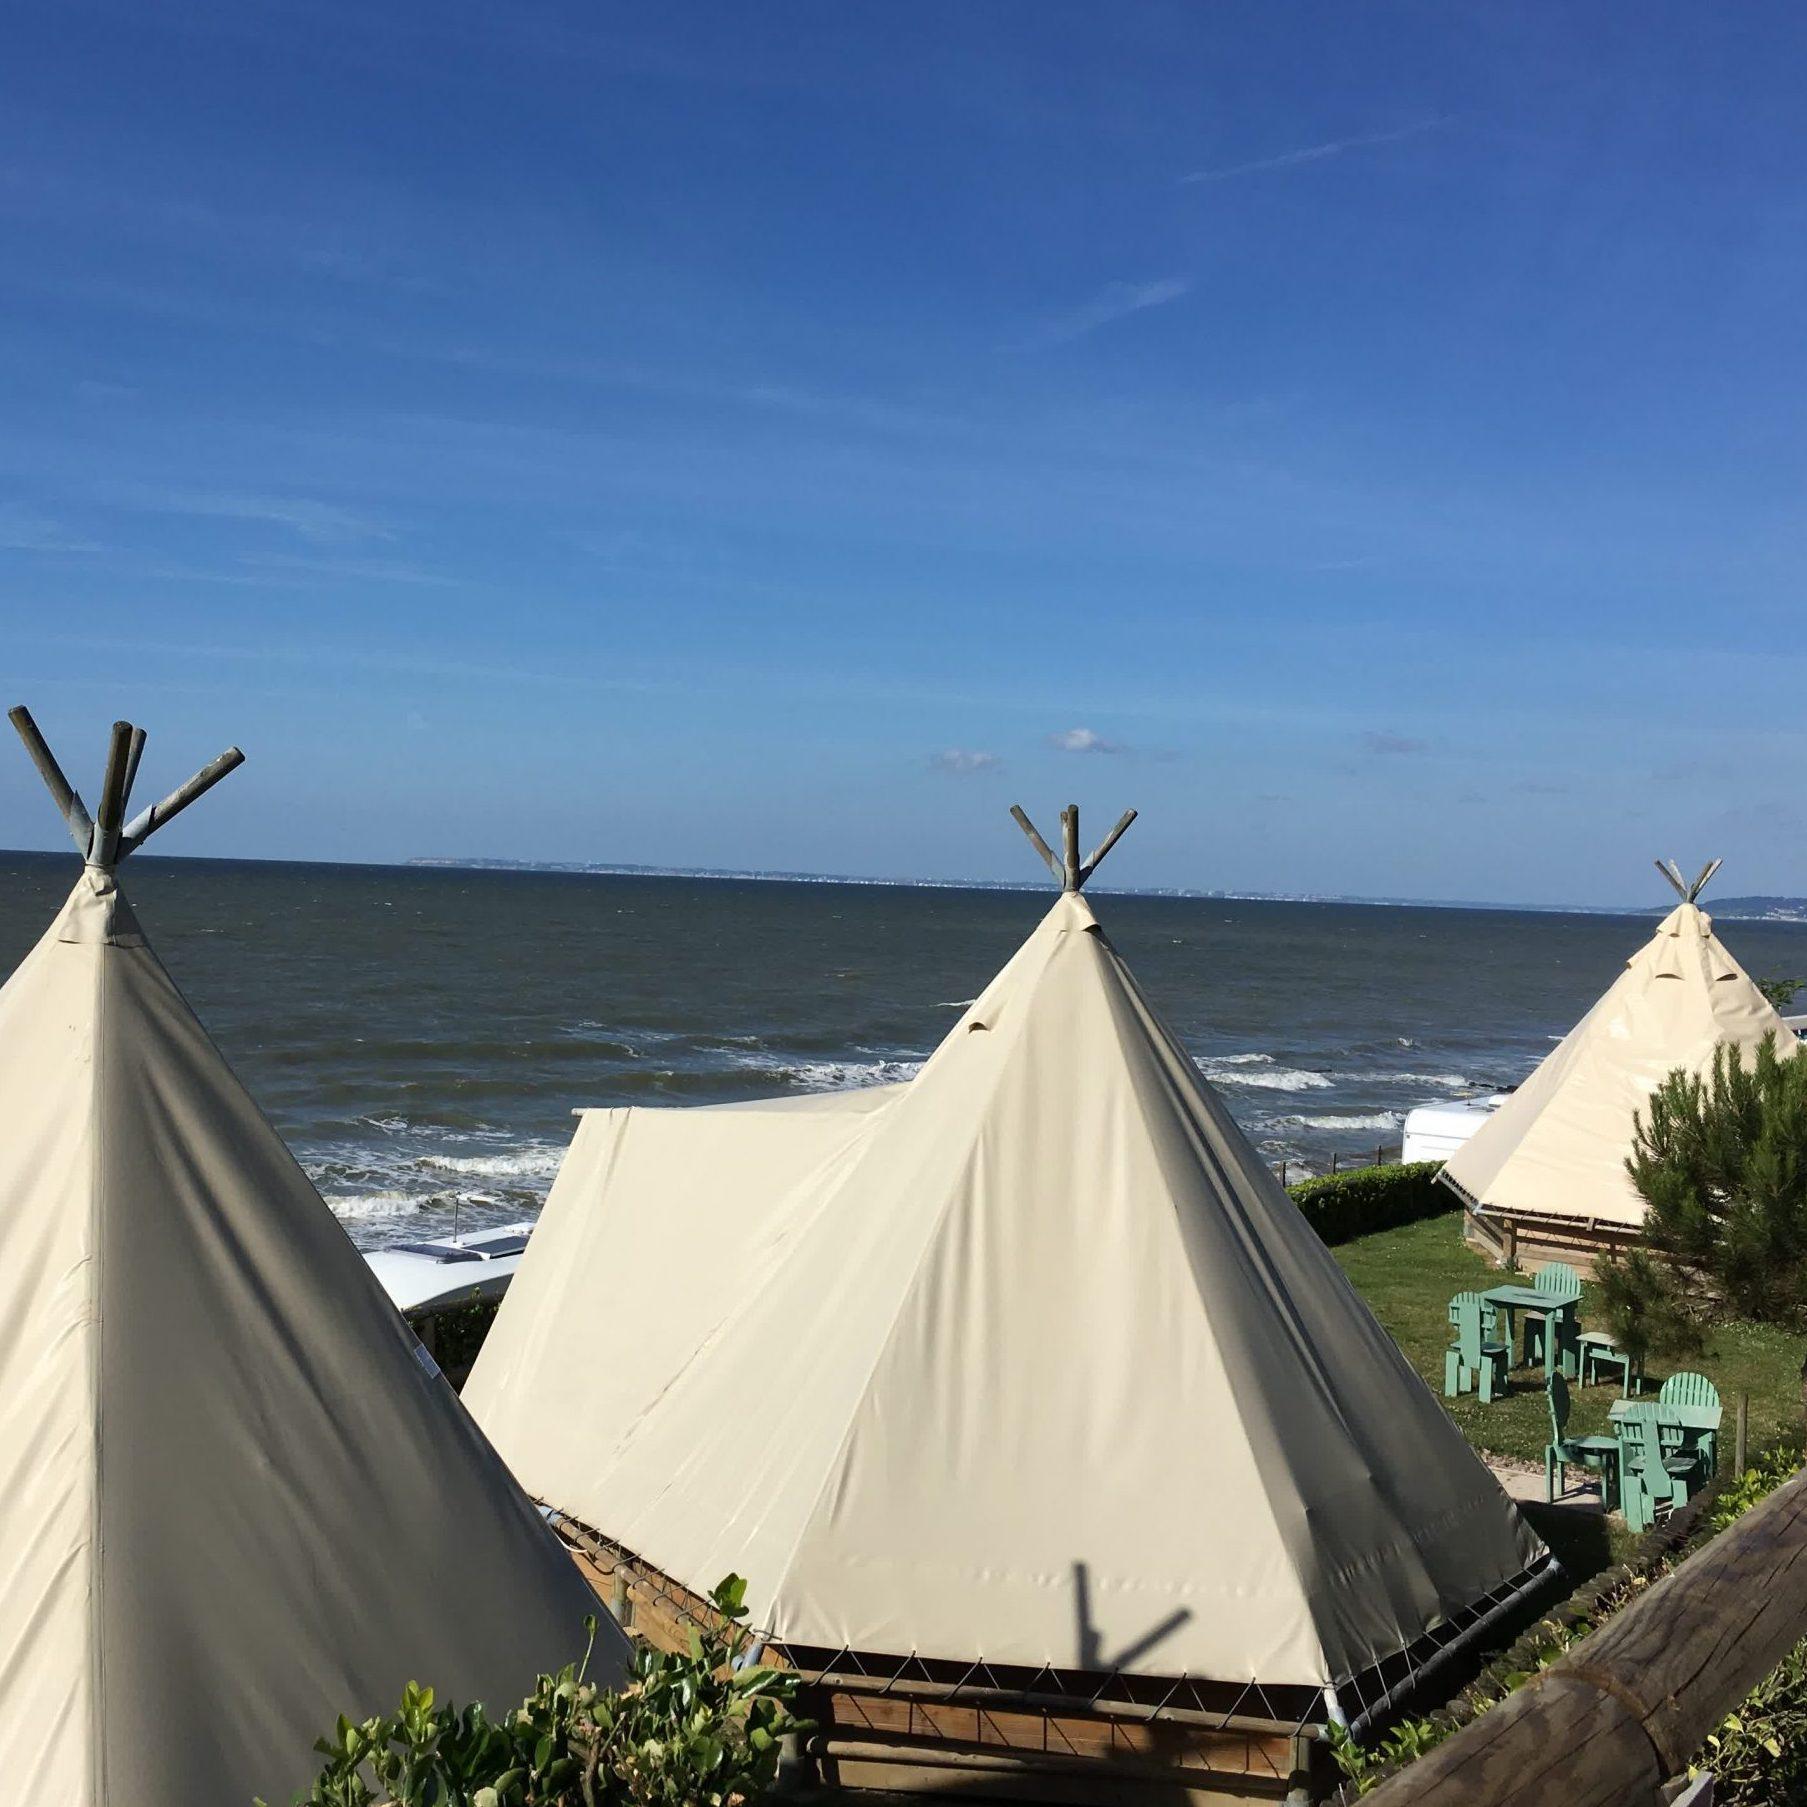 tipi_bord_de_mer_camping_de_la_plage_houlgate